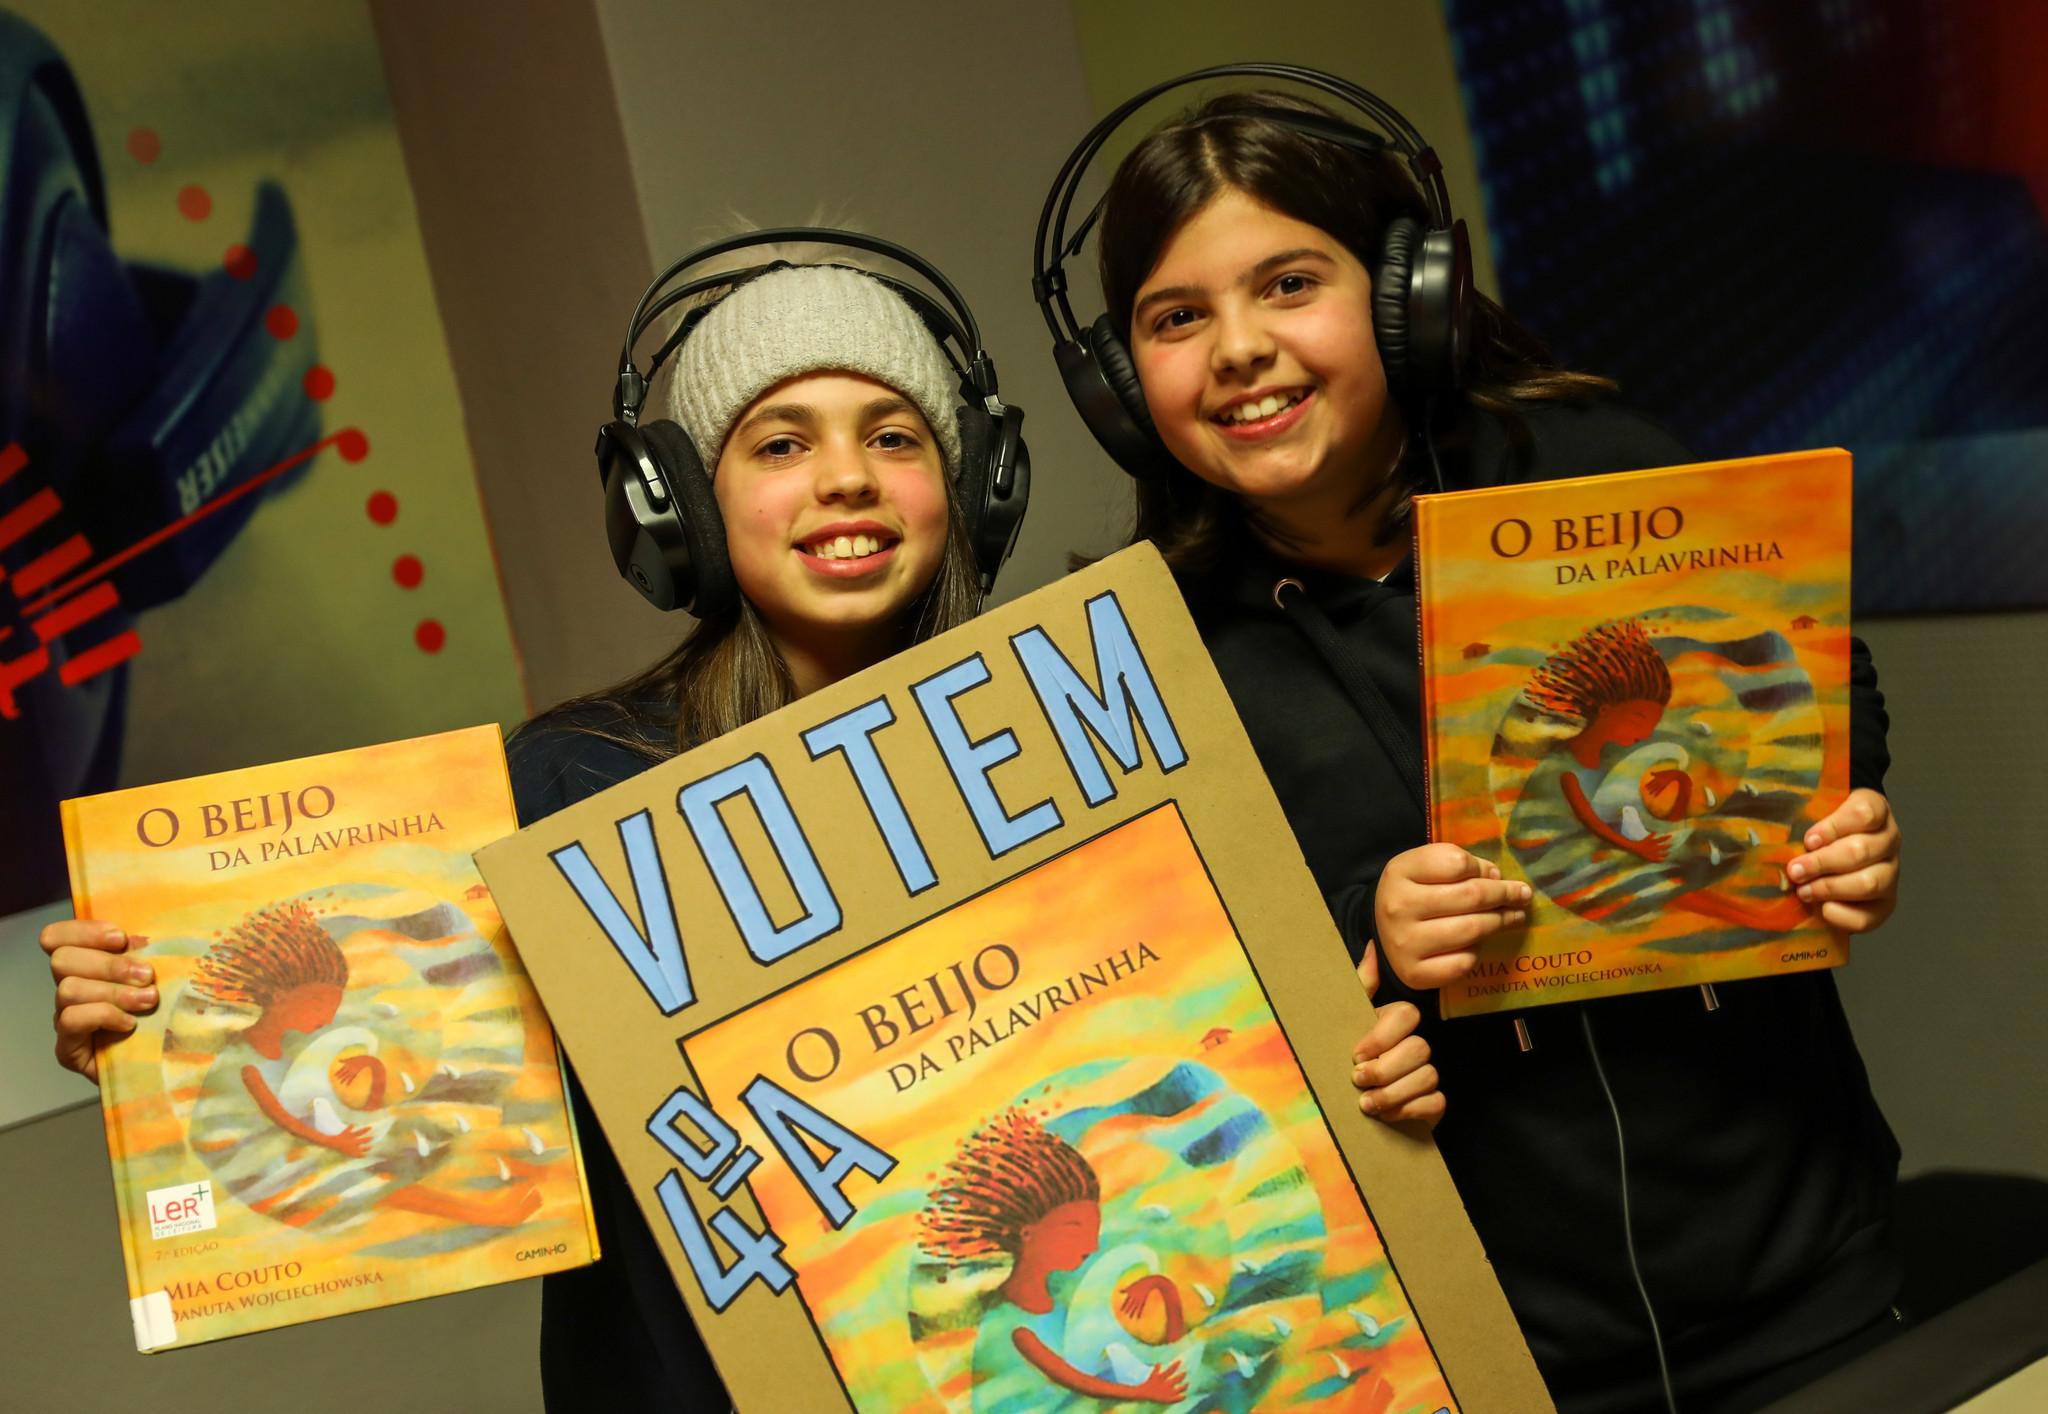 LM miudos votos S_J Madeira 12-04-23.JPG